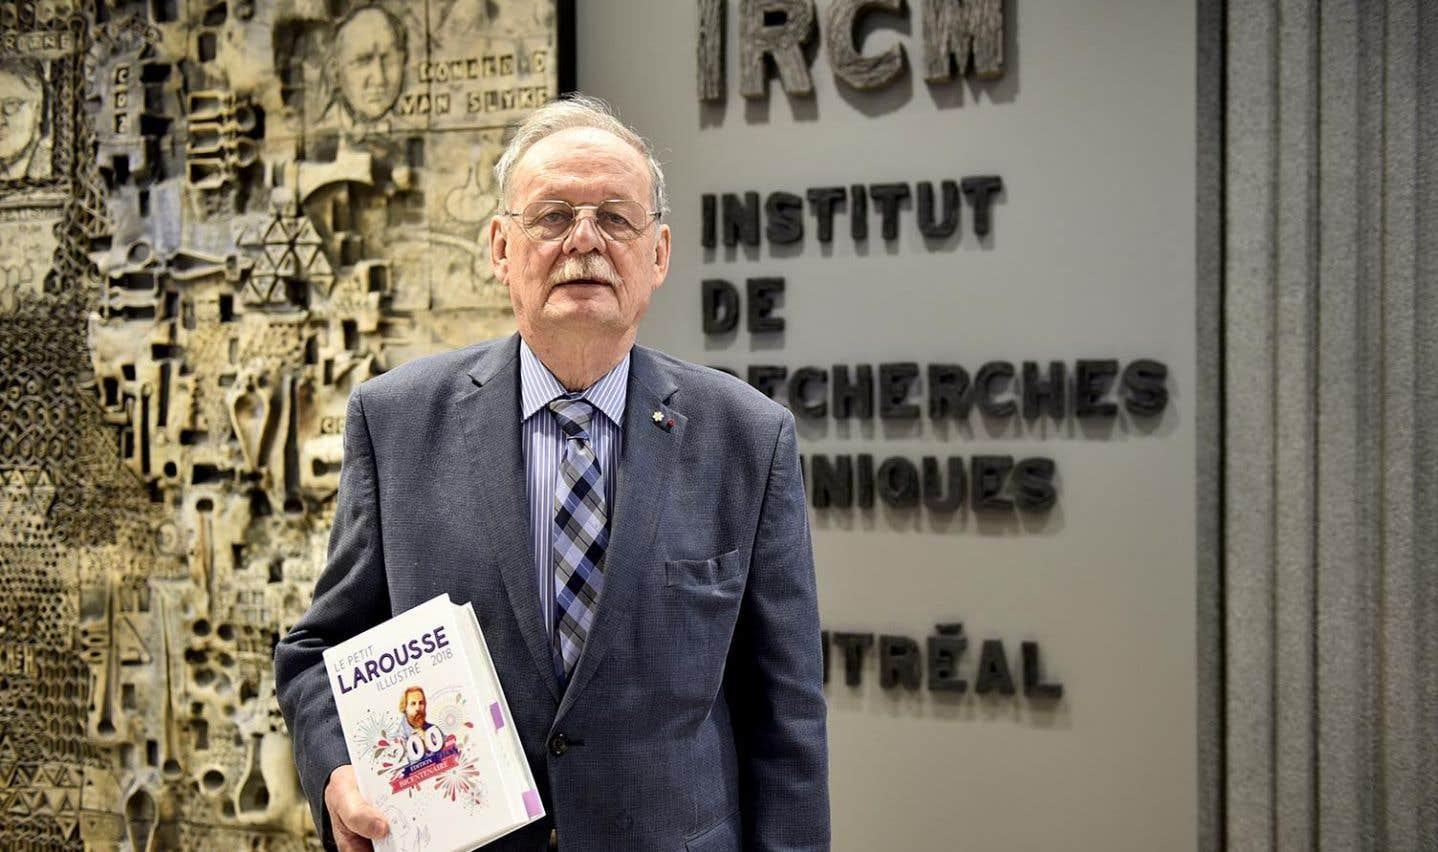 Âgé de 81 ans, Michel Chrétien travaille toujours à l'avancée de la science dans le domaine de l'endocrinologie.